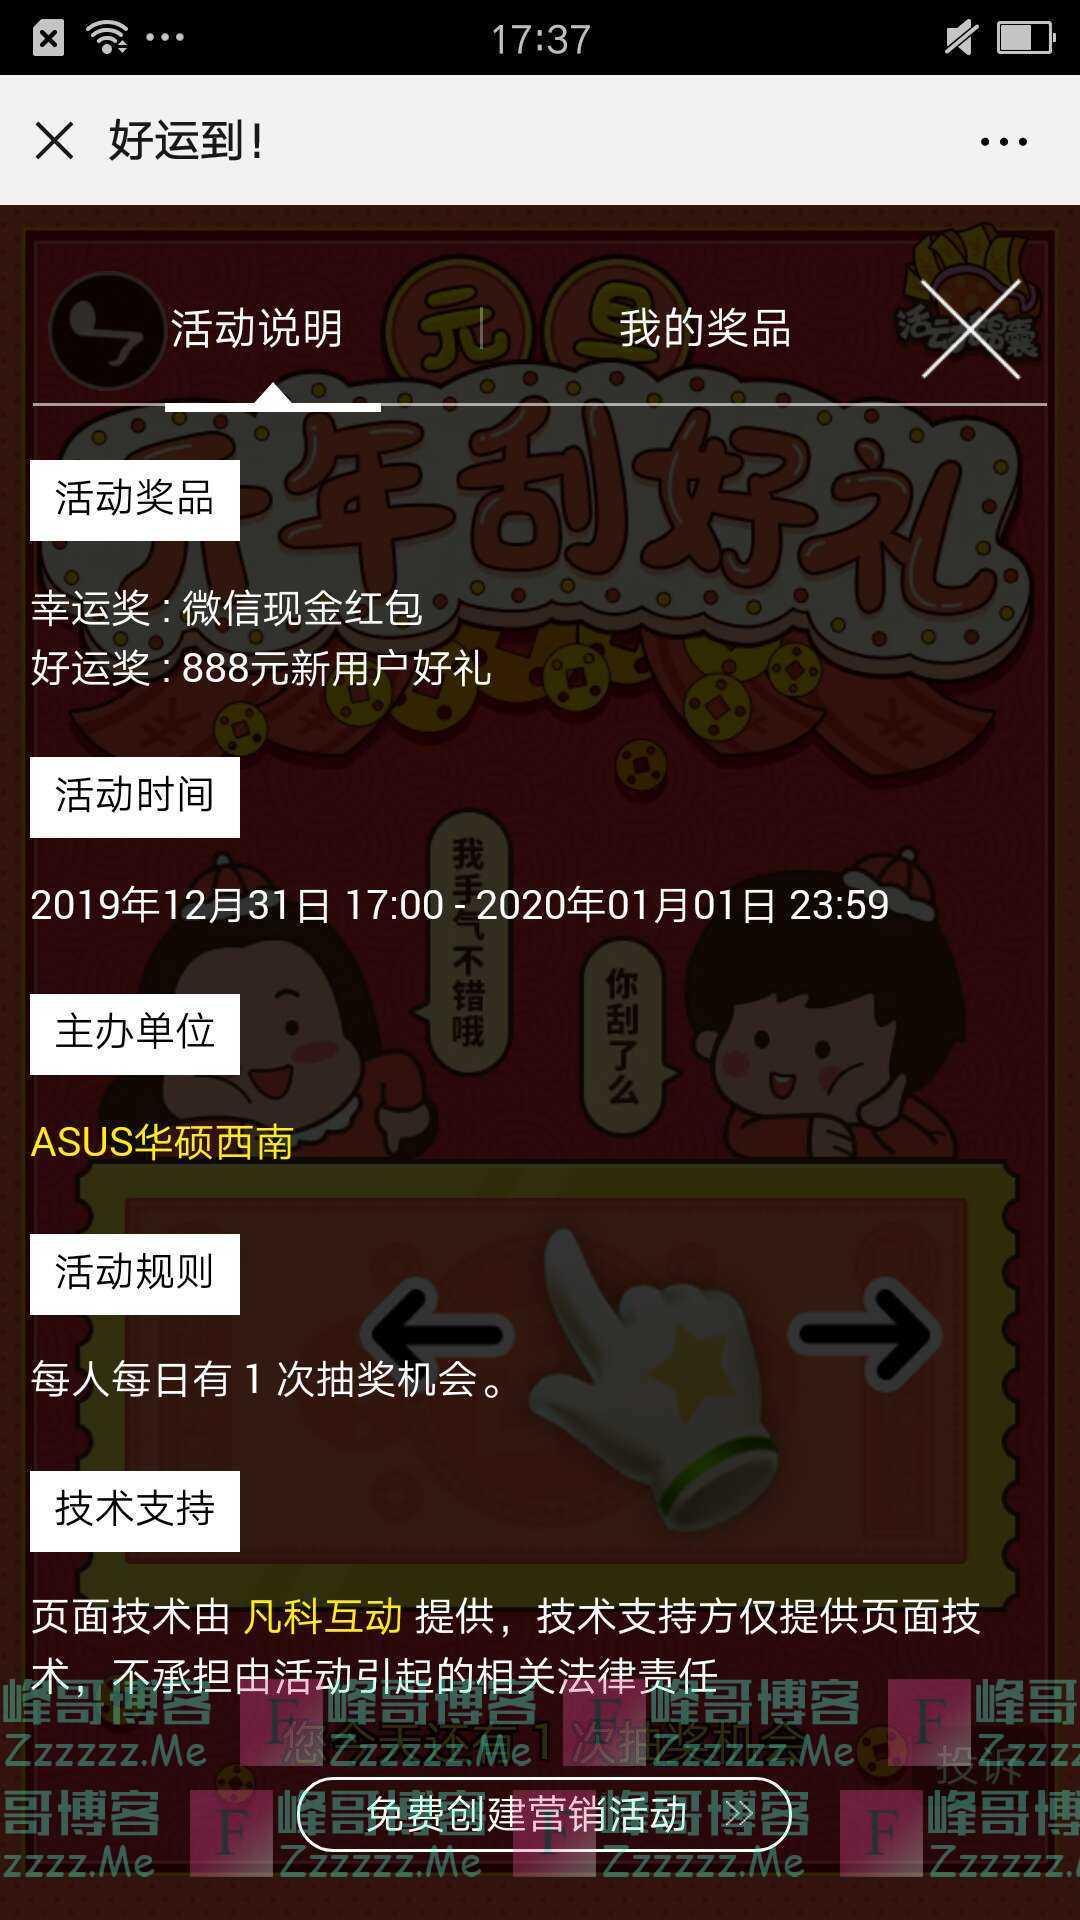 ASUS华硕西南新一期送红包(截止1月1日)